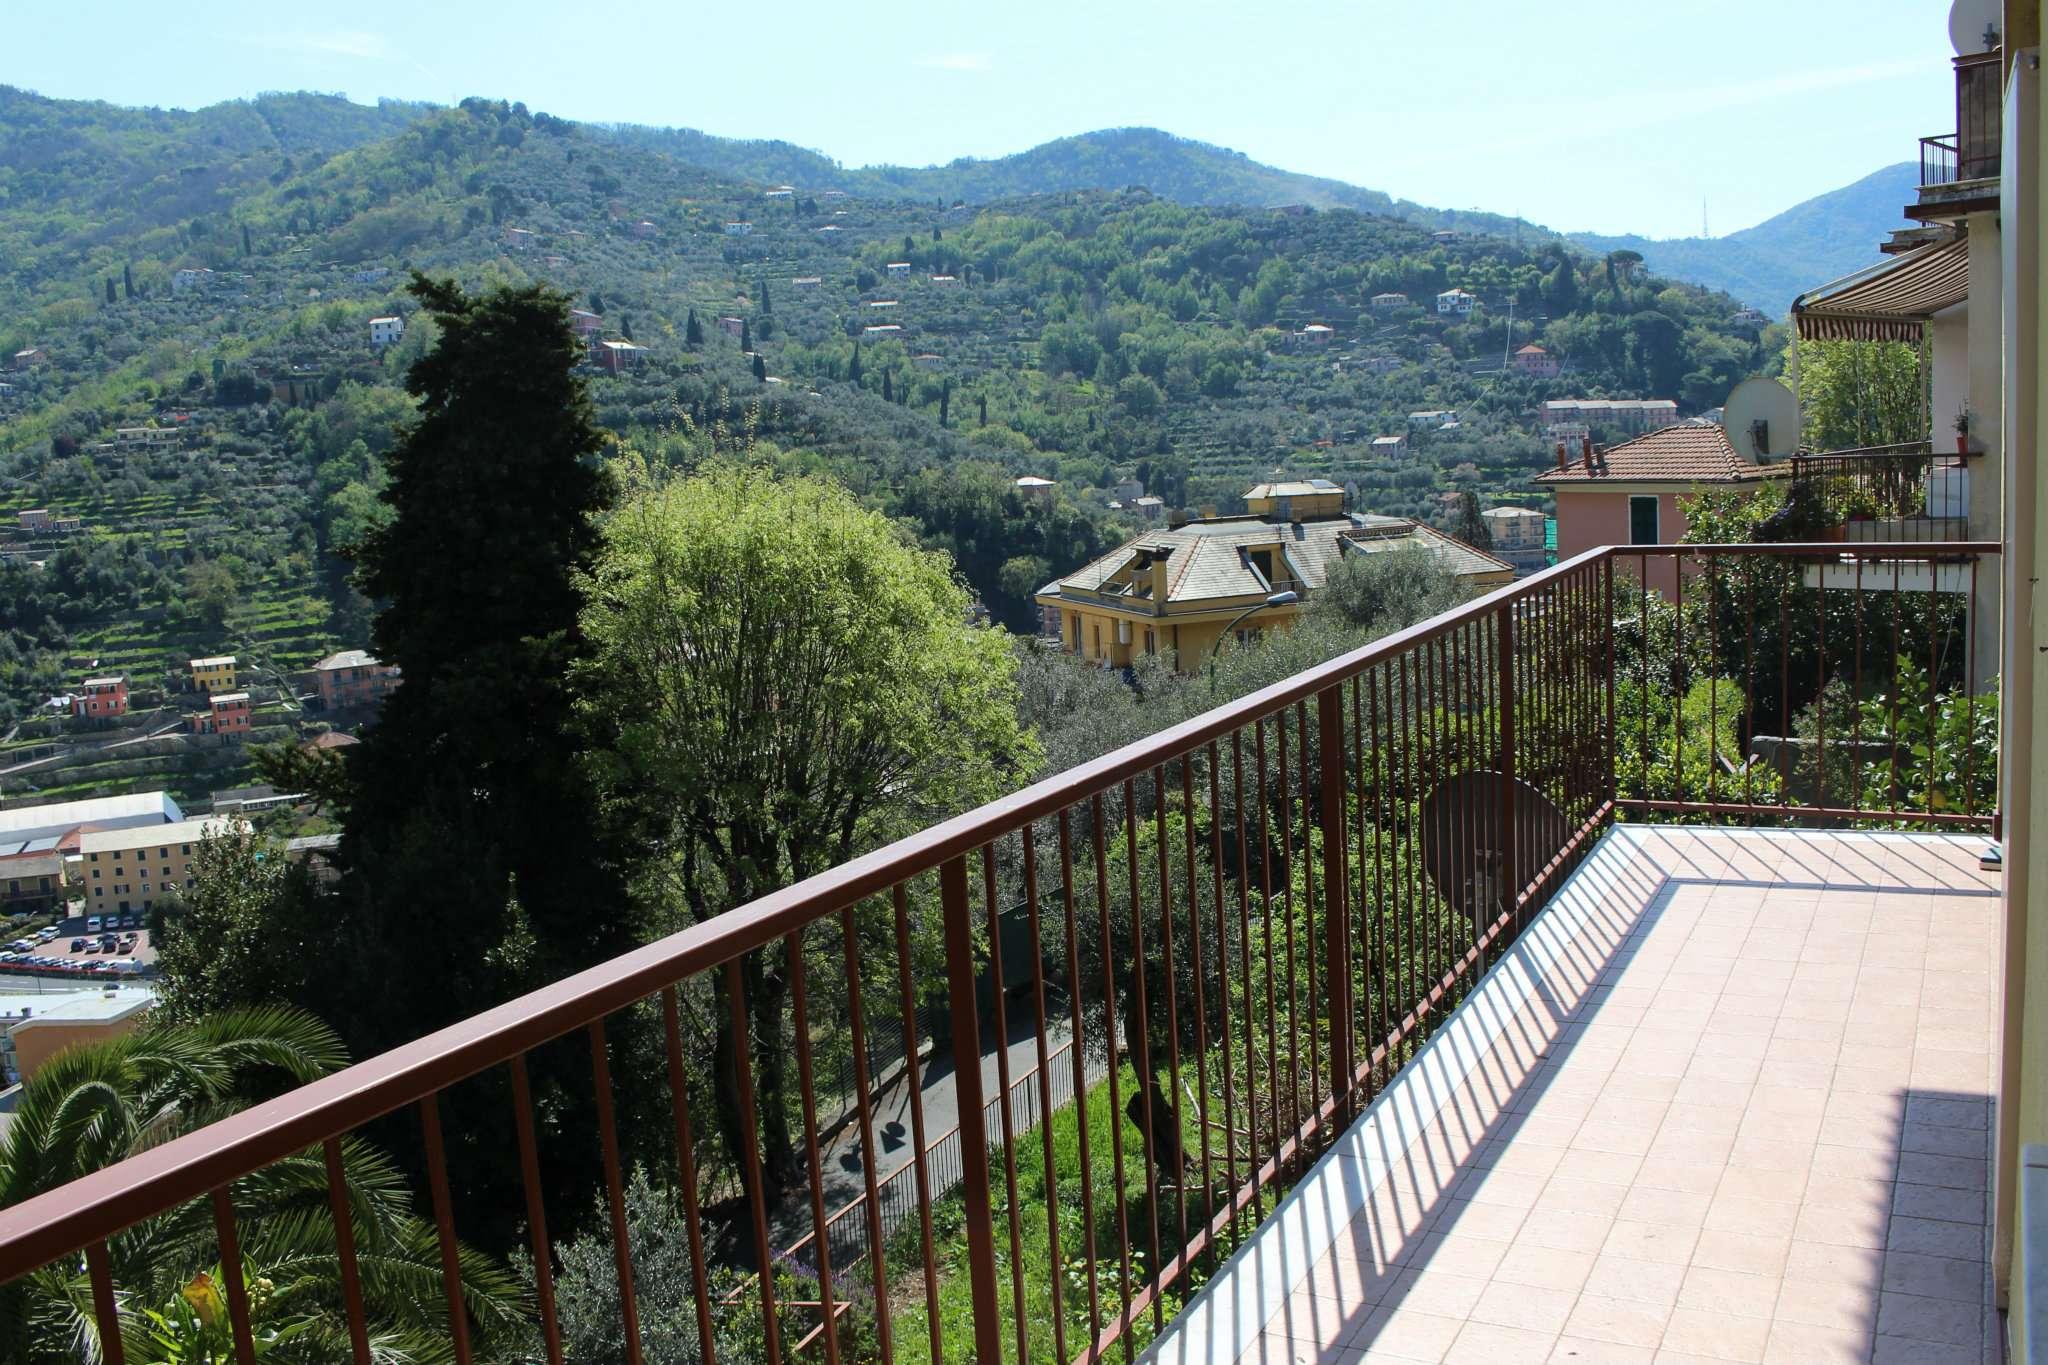 Appartamento in vendita a Recco, 3 locali, prezzo € 170.000 | PortaleAgenzieImmobiliari.it